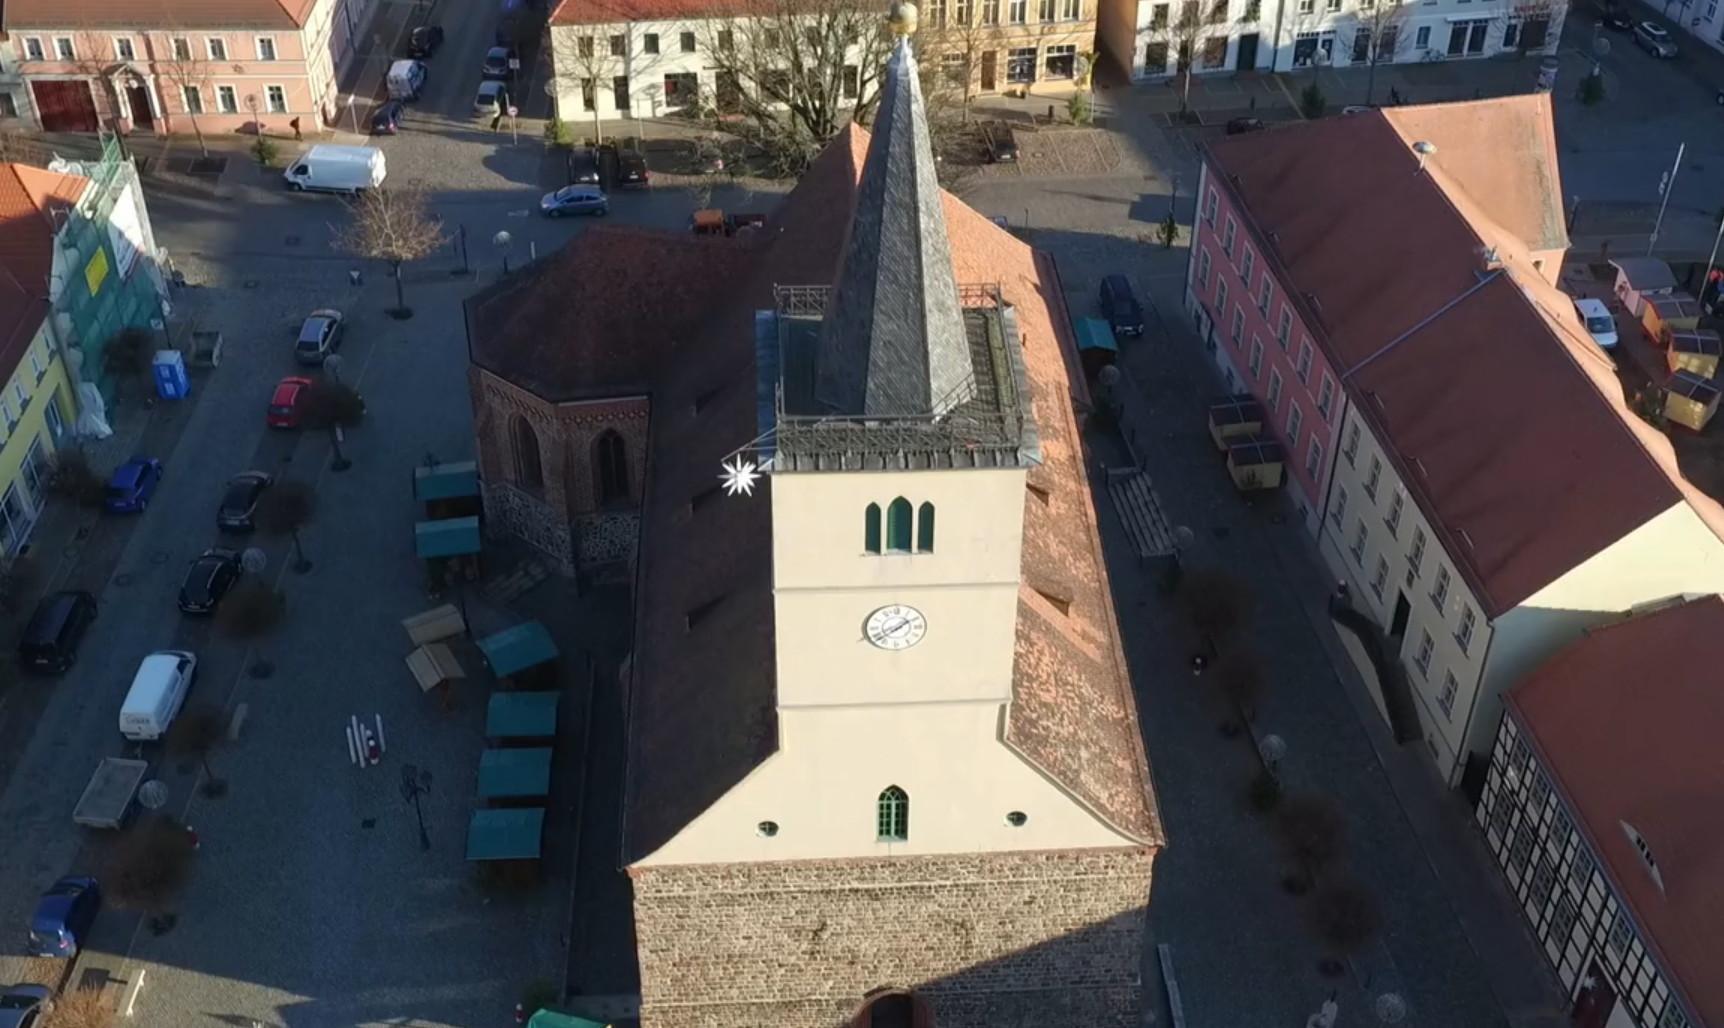 Stadtpfarrkirche St. Marien - St. Nikolai zu Beelitz